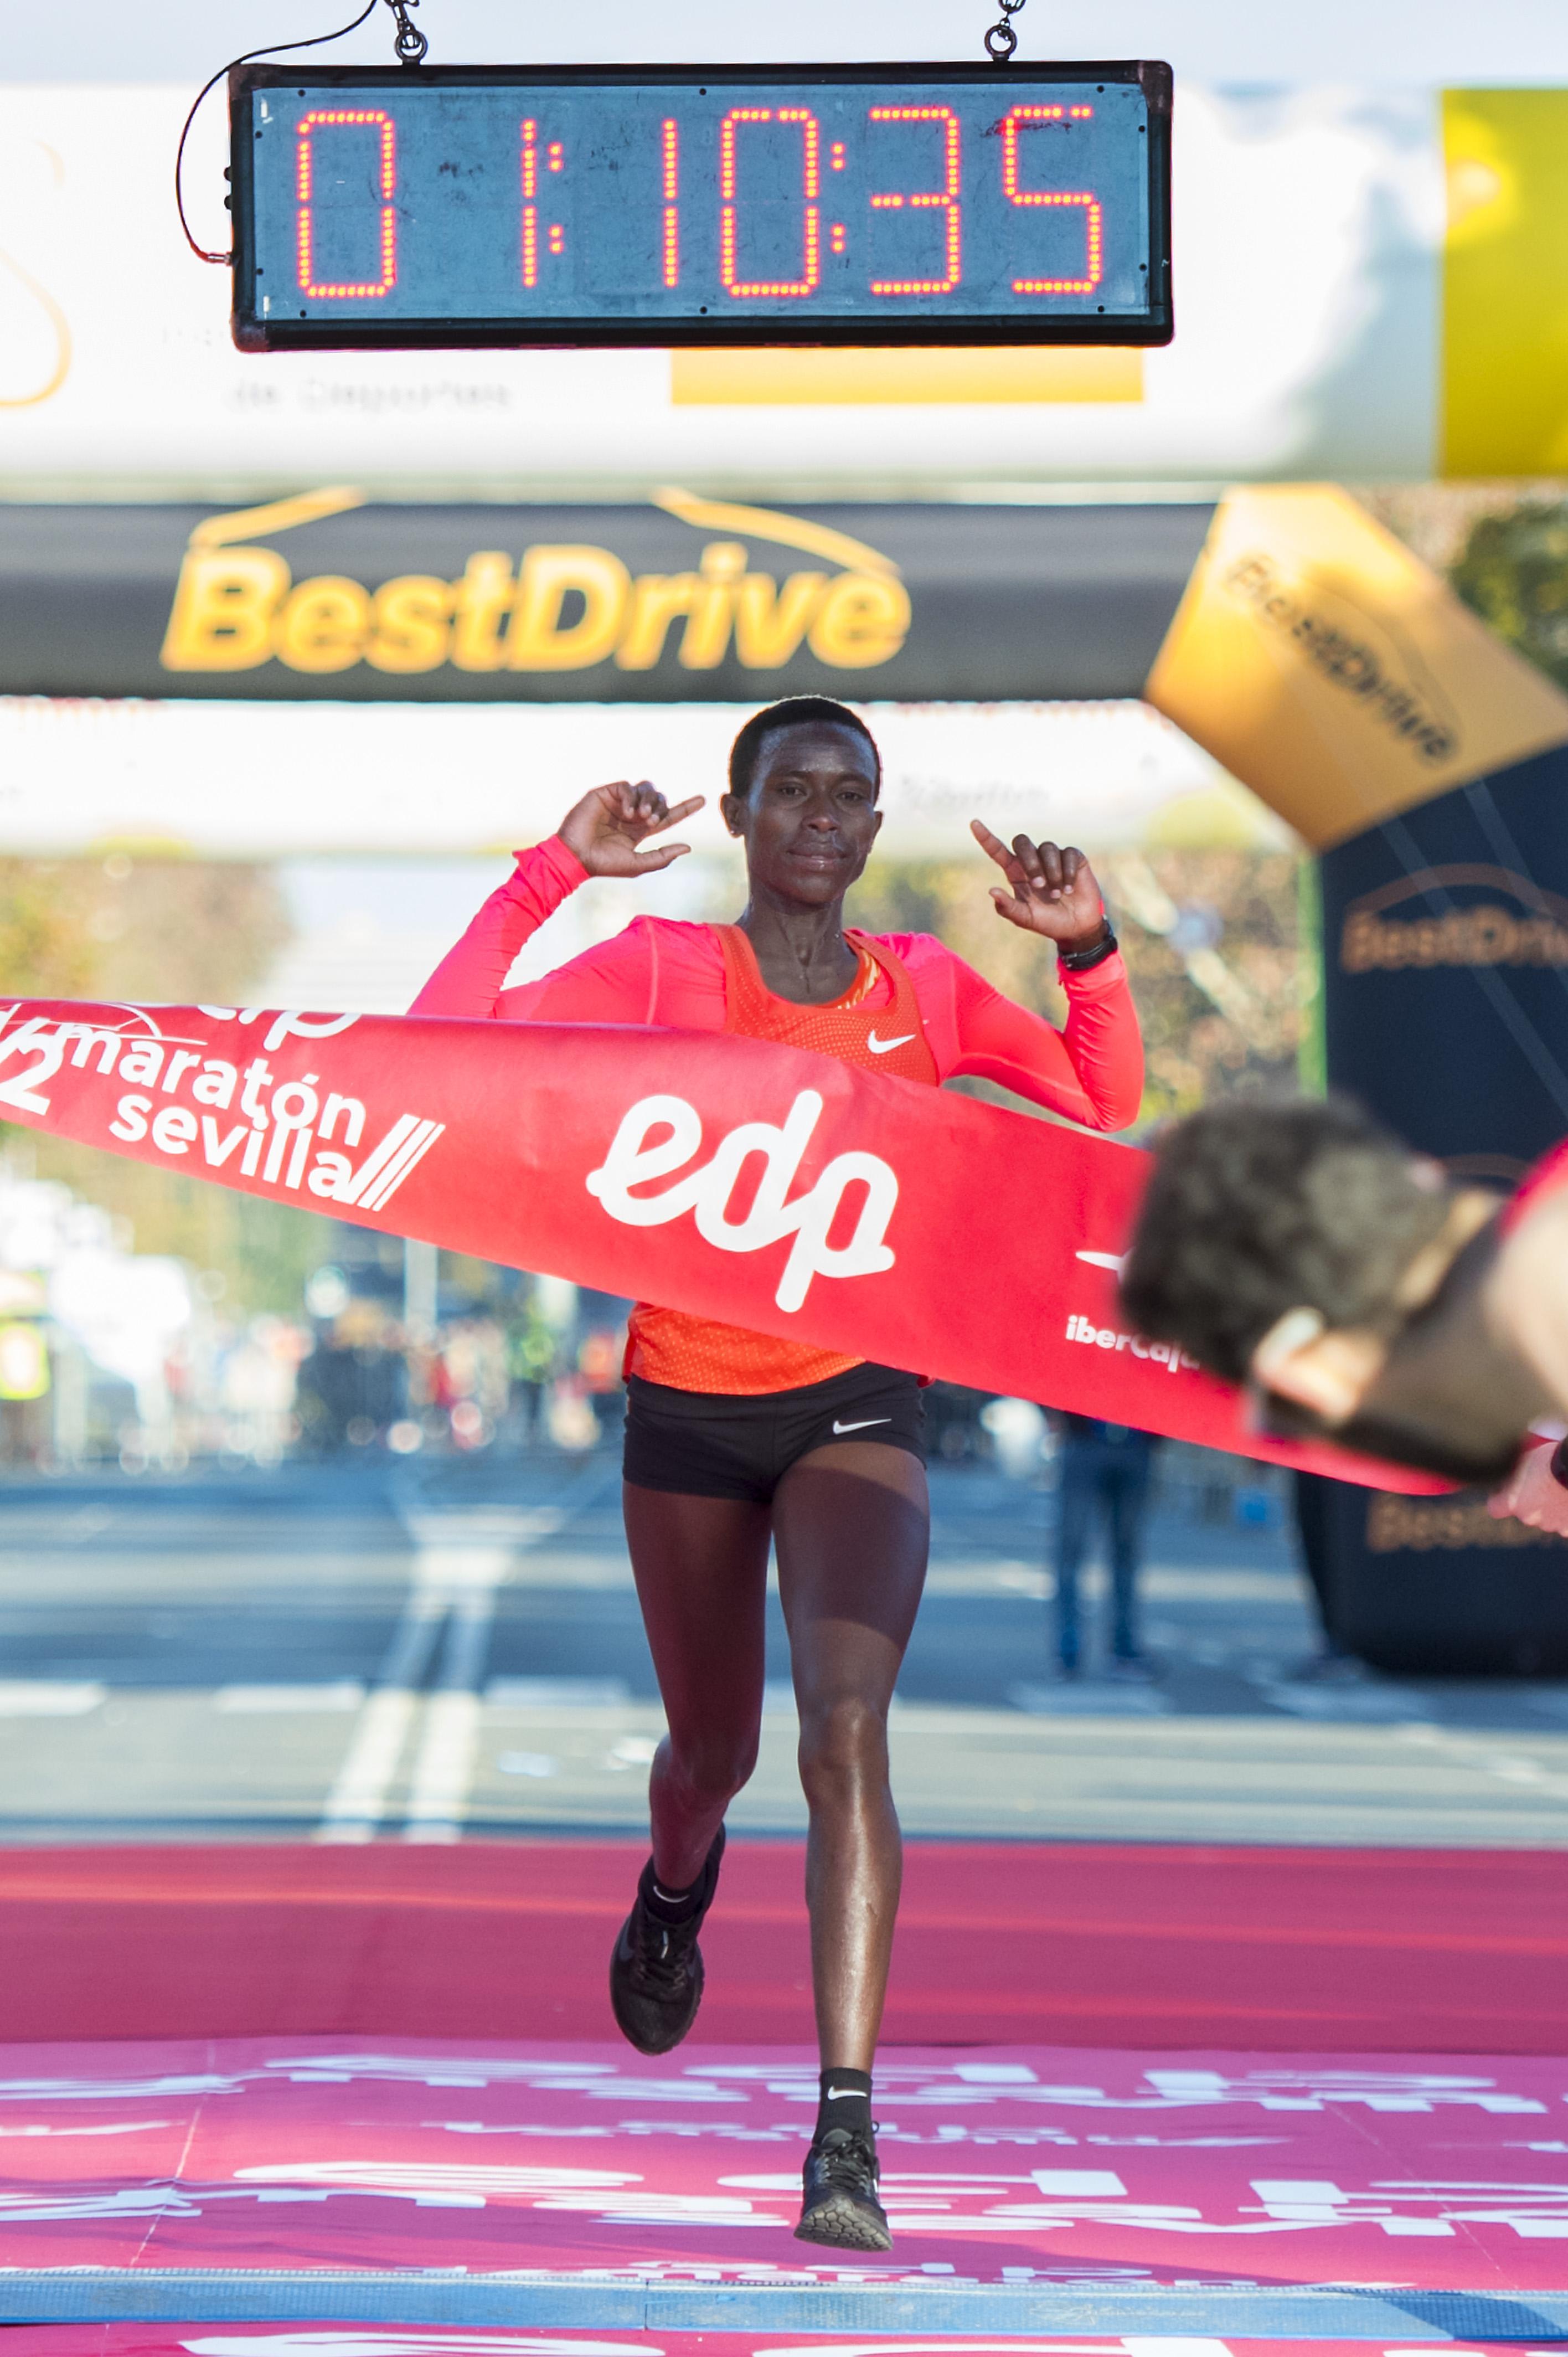 Nuevo récord en el Medio Maratón de Sevilla